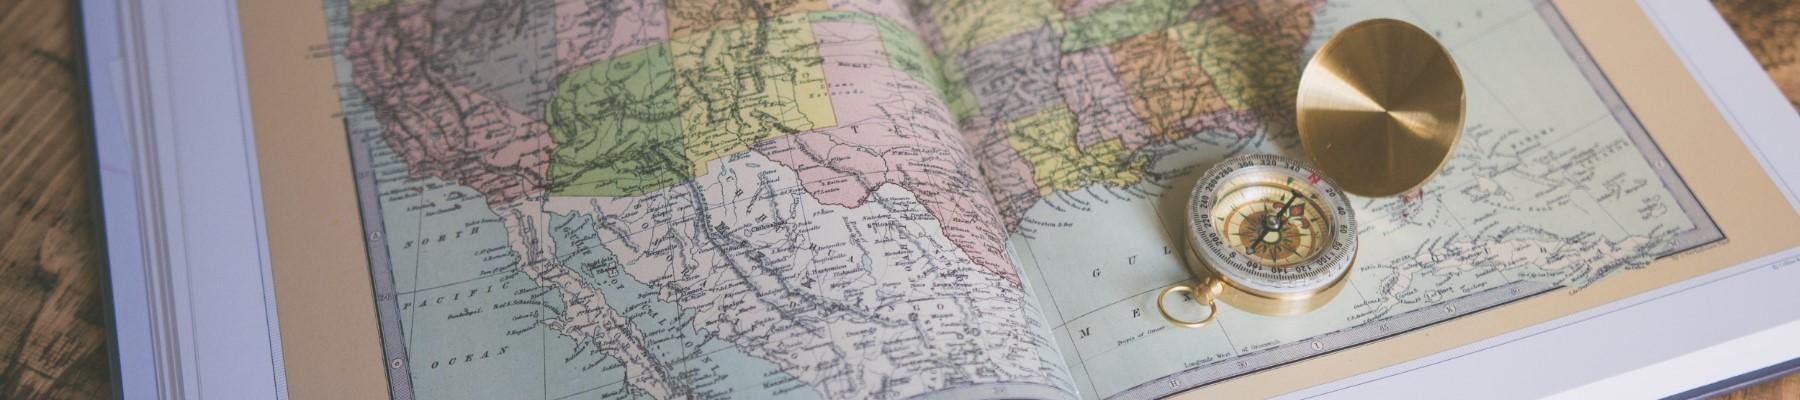 US States - Cartographic Boundary Shapefiles   Kaggle